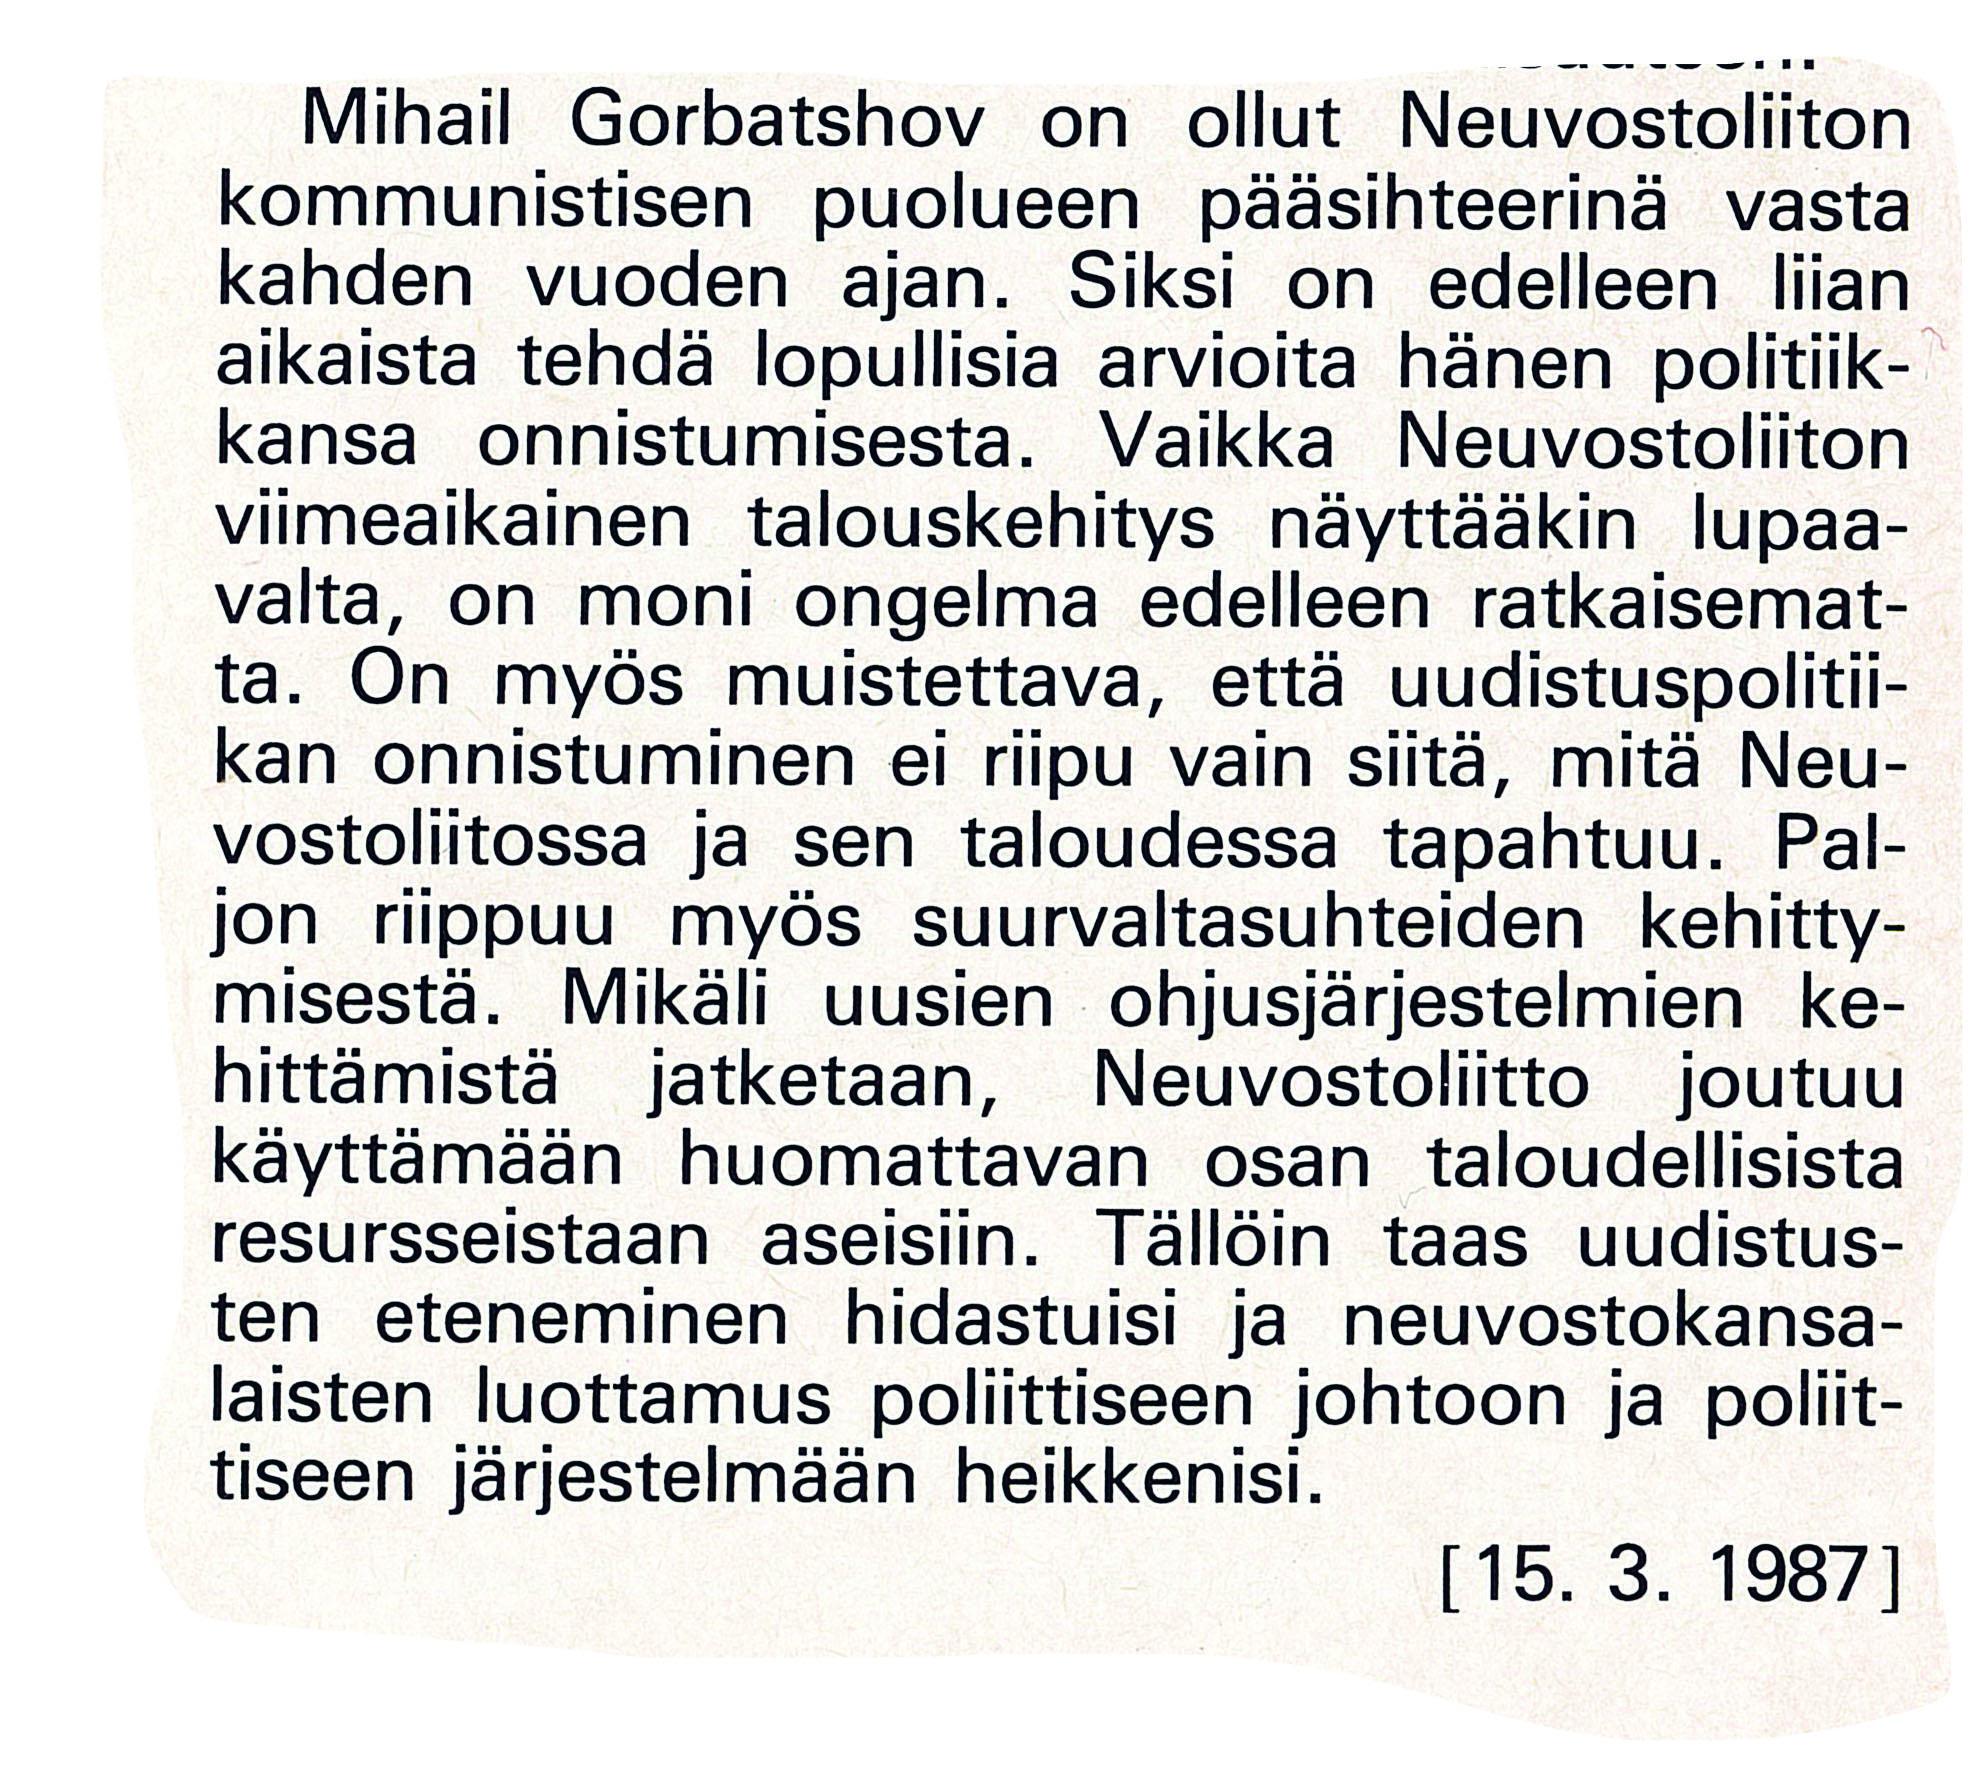 Ulkopolitiikka 1/1987, erikoistutkija Jyrki Iivonen